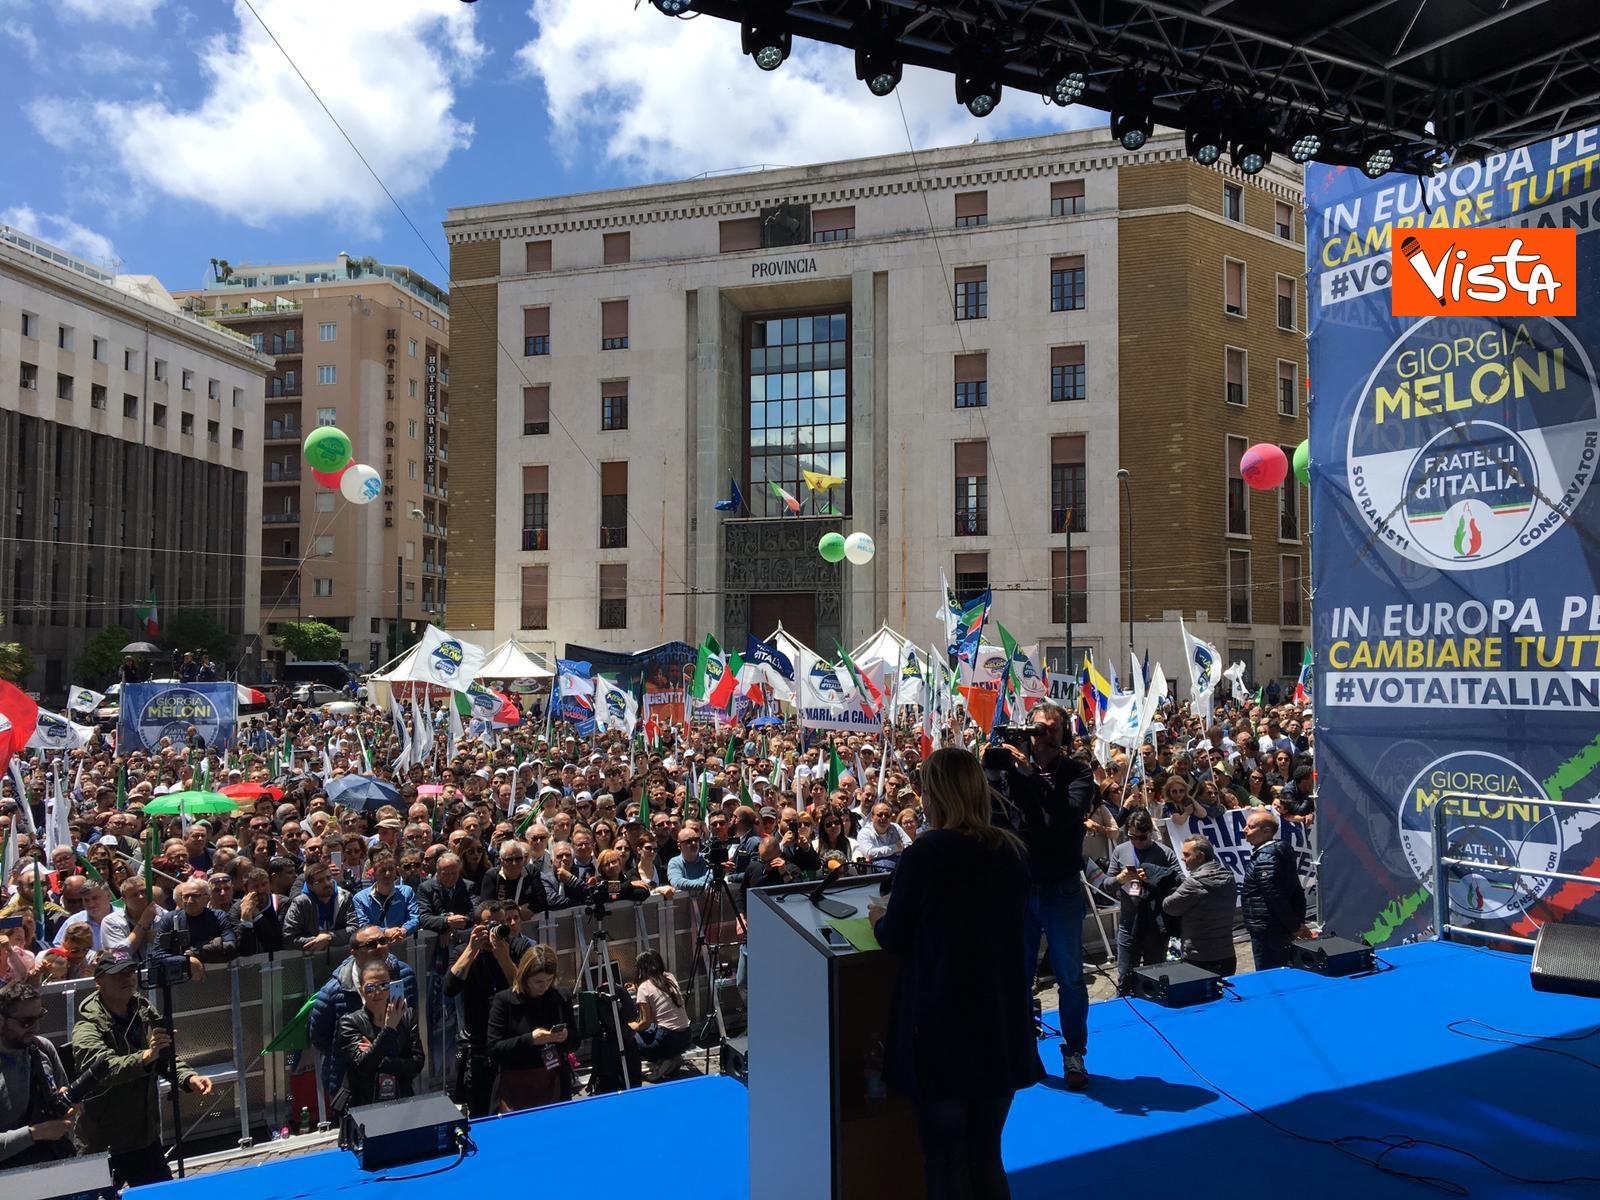 19-05-19 Europee Meloni a Napoli piazza gremita di gente per il comizio della leader di FdI_07